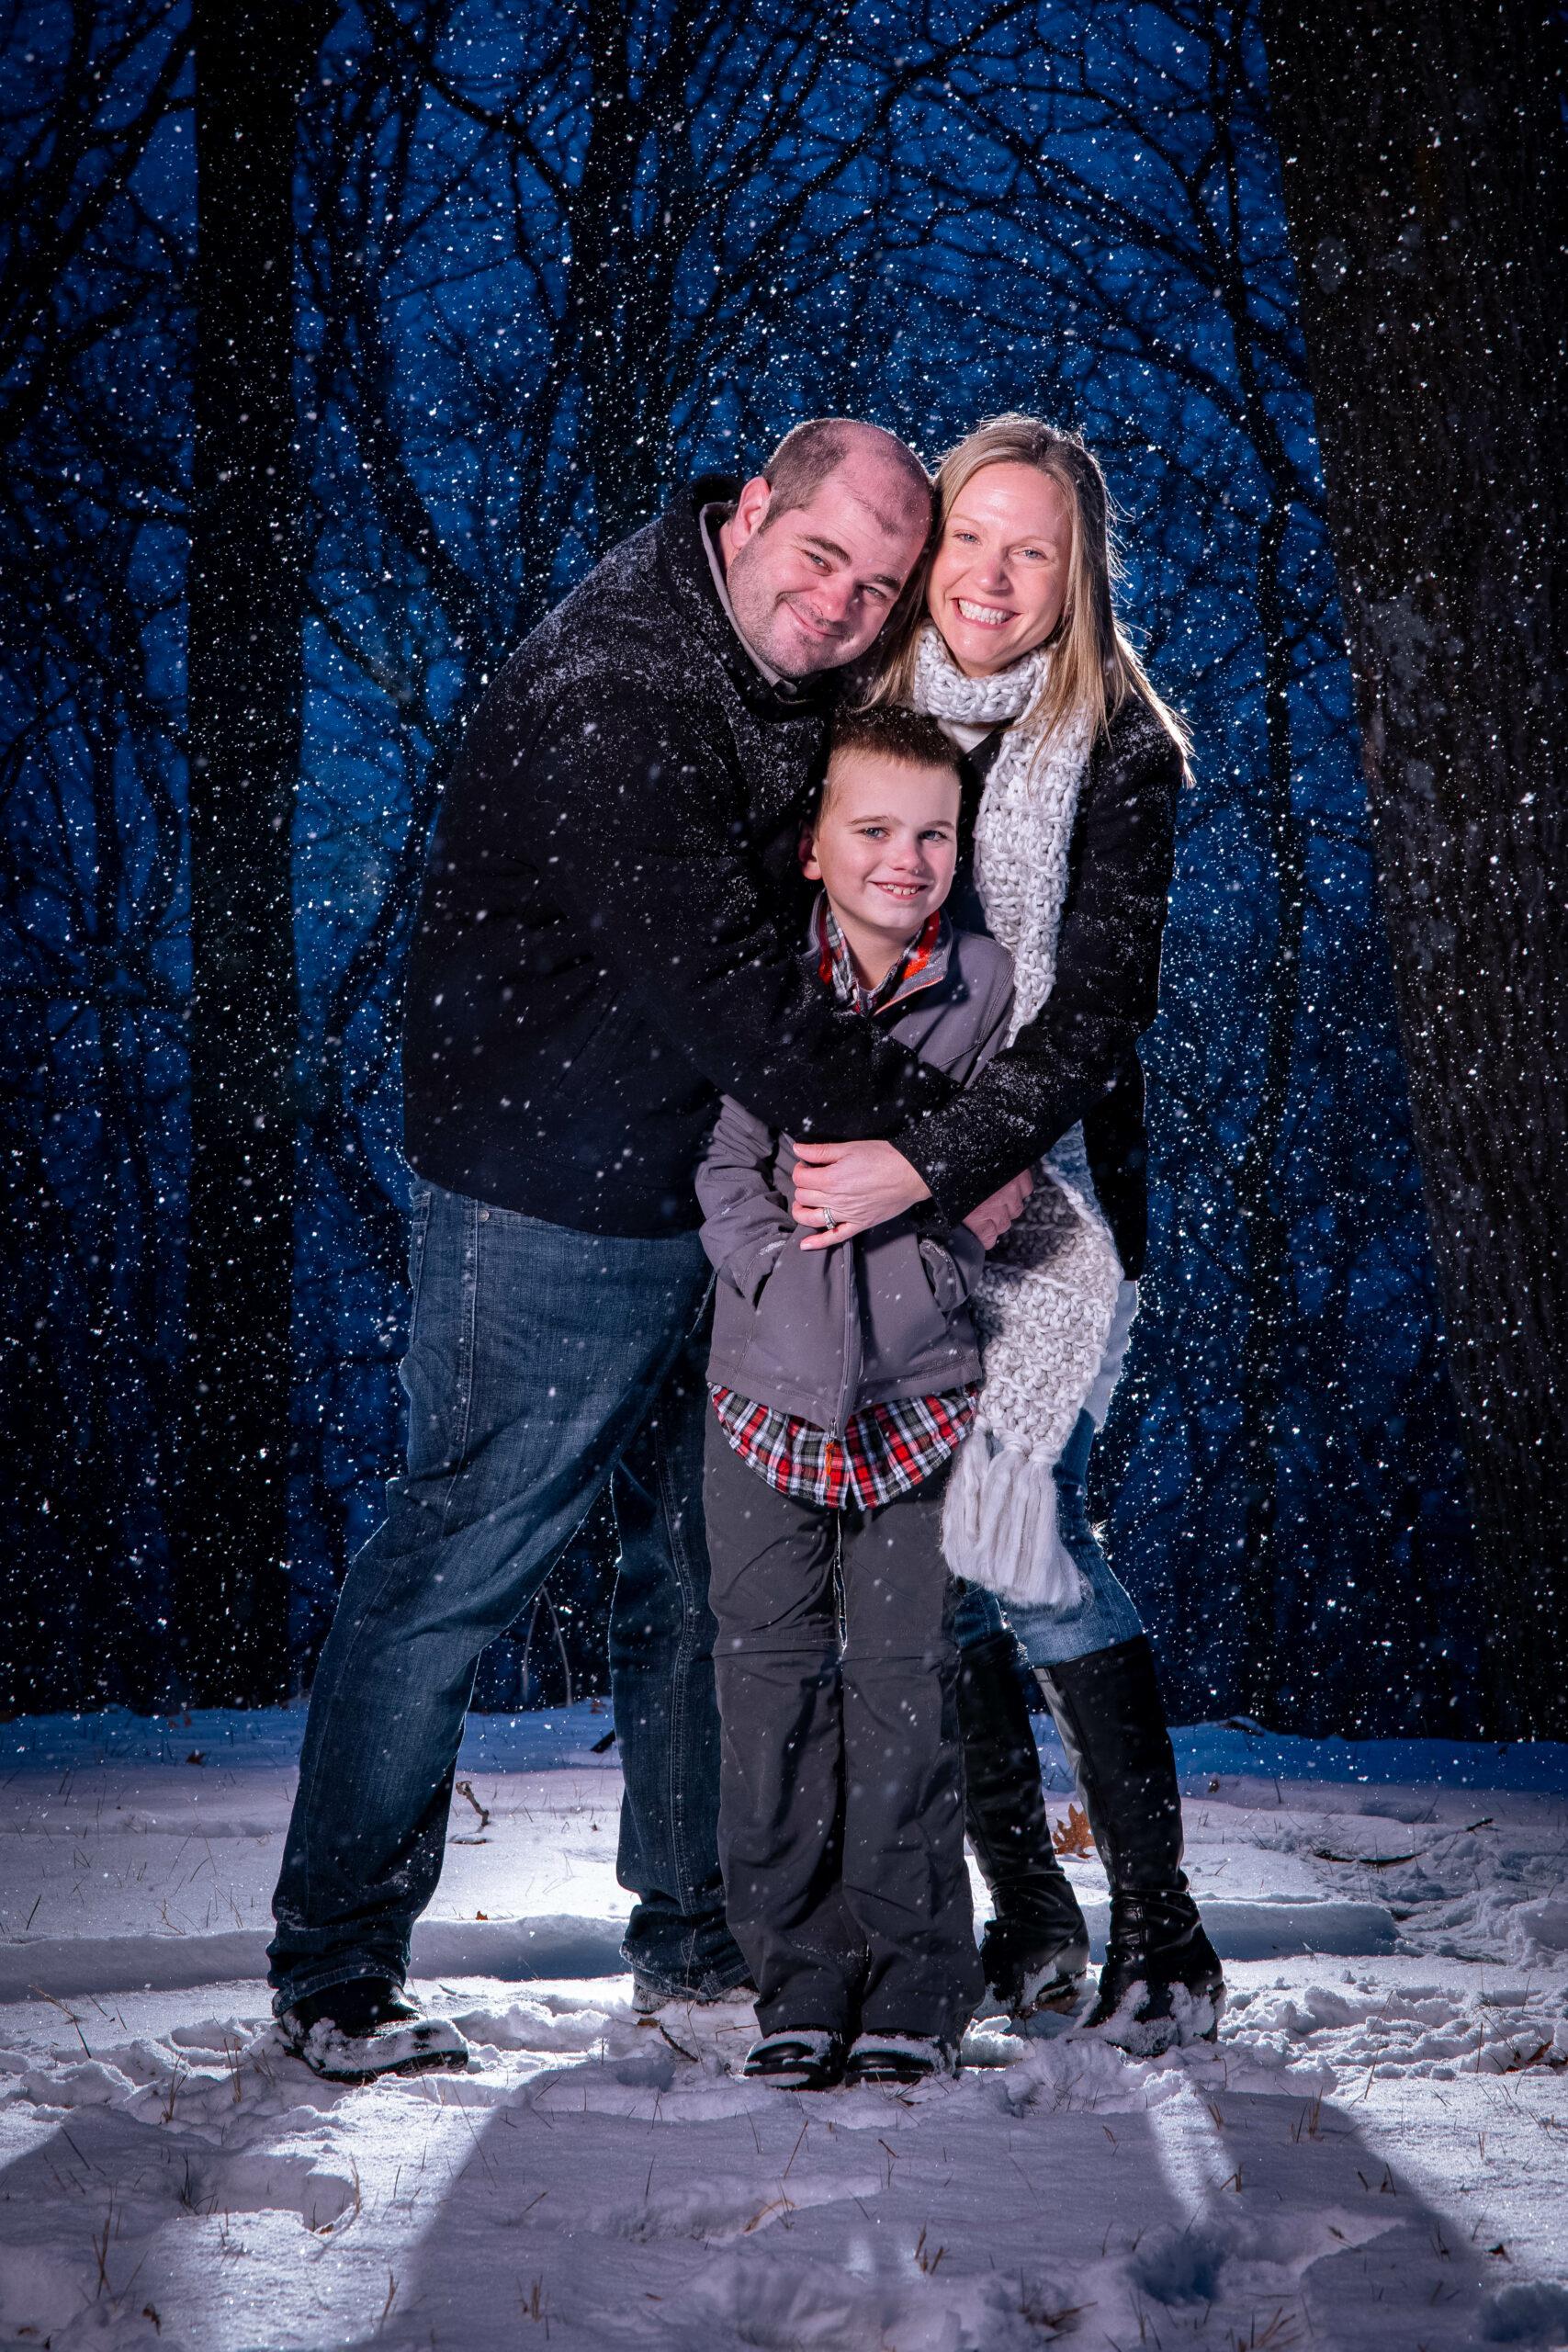 Family Winter Photo La Crosse WI